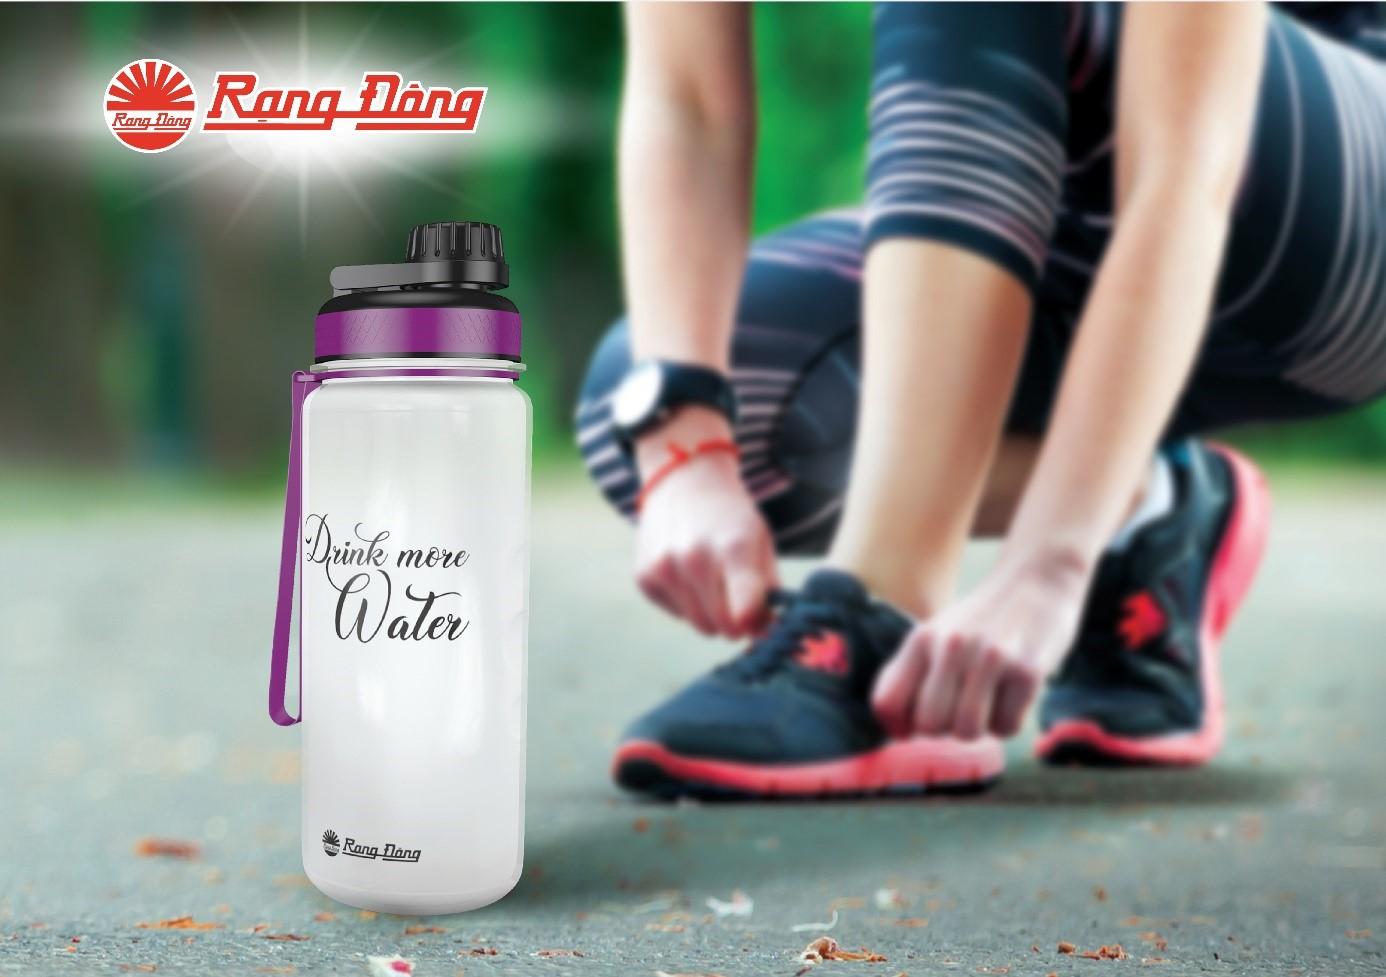 Uống nhiều nước sau khi tập thể dục là điều cần thiết để bù lượng nước mà bạn đã mất do đổ mồ hôi